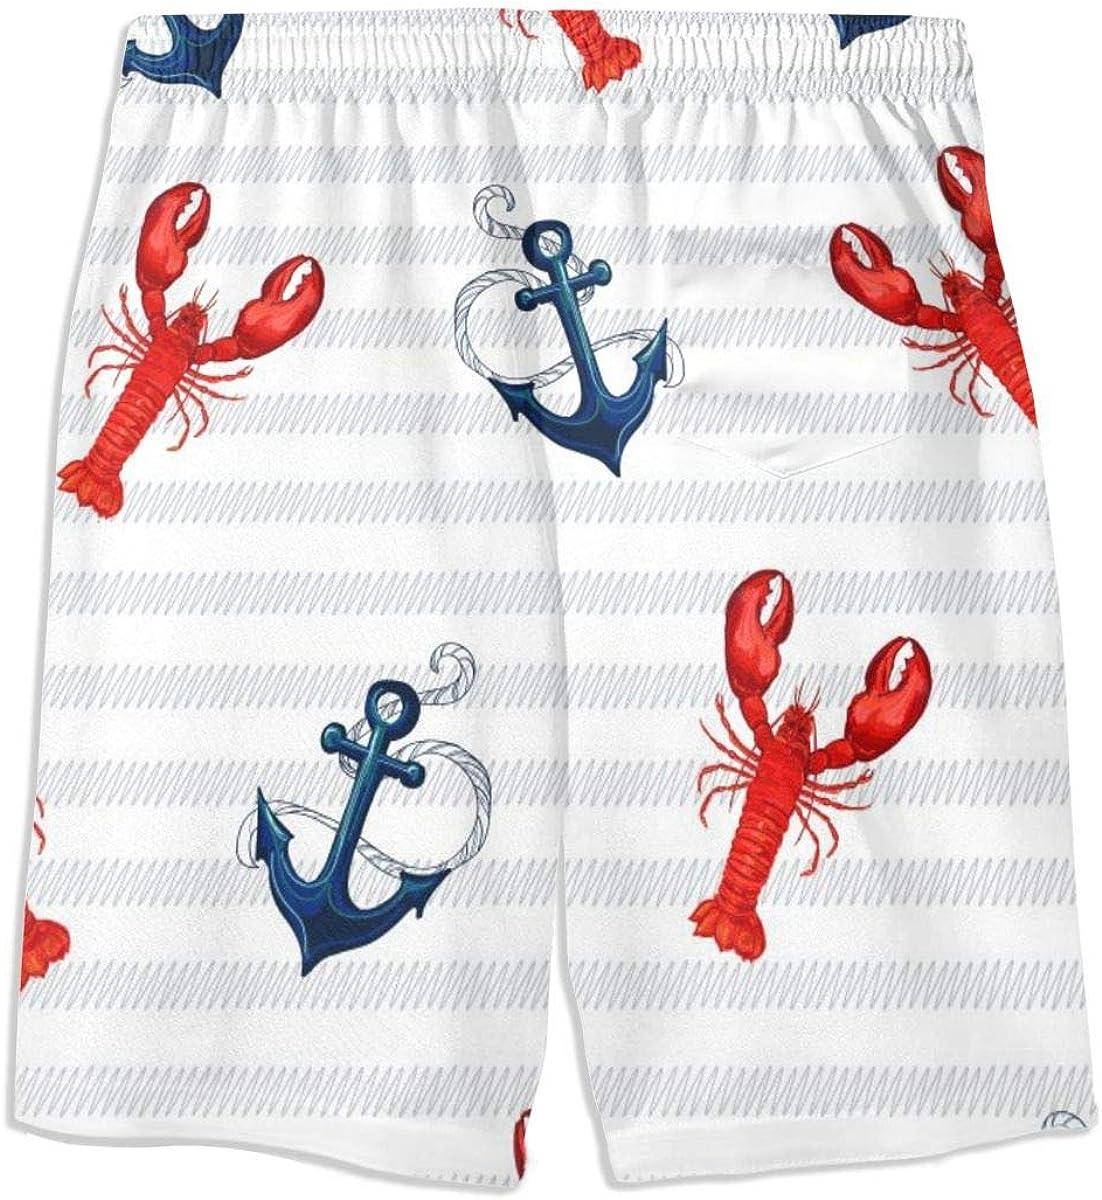 LION Underwear Real Men Marine Lobster Pattern Boys Quick Dry Swim Trunks Kids Beach Board Shorts Swimsuit Swimwear